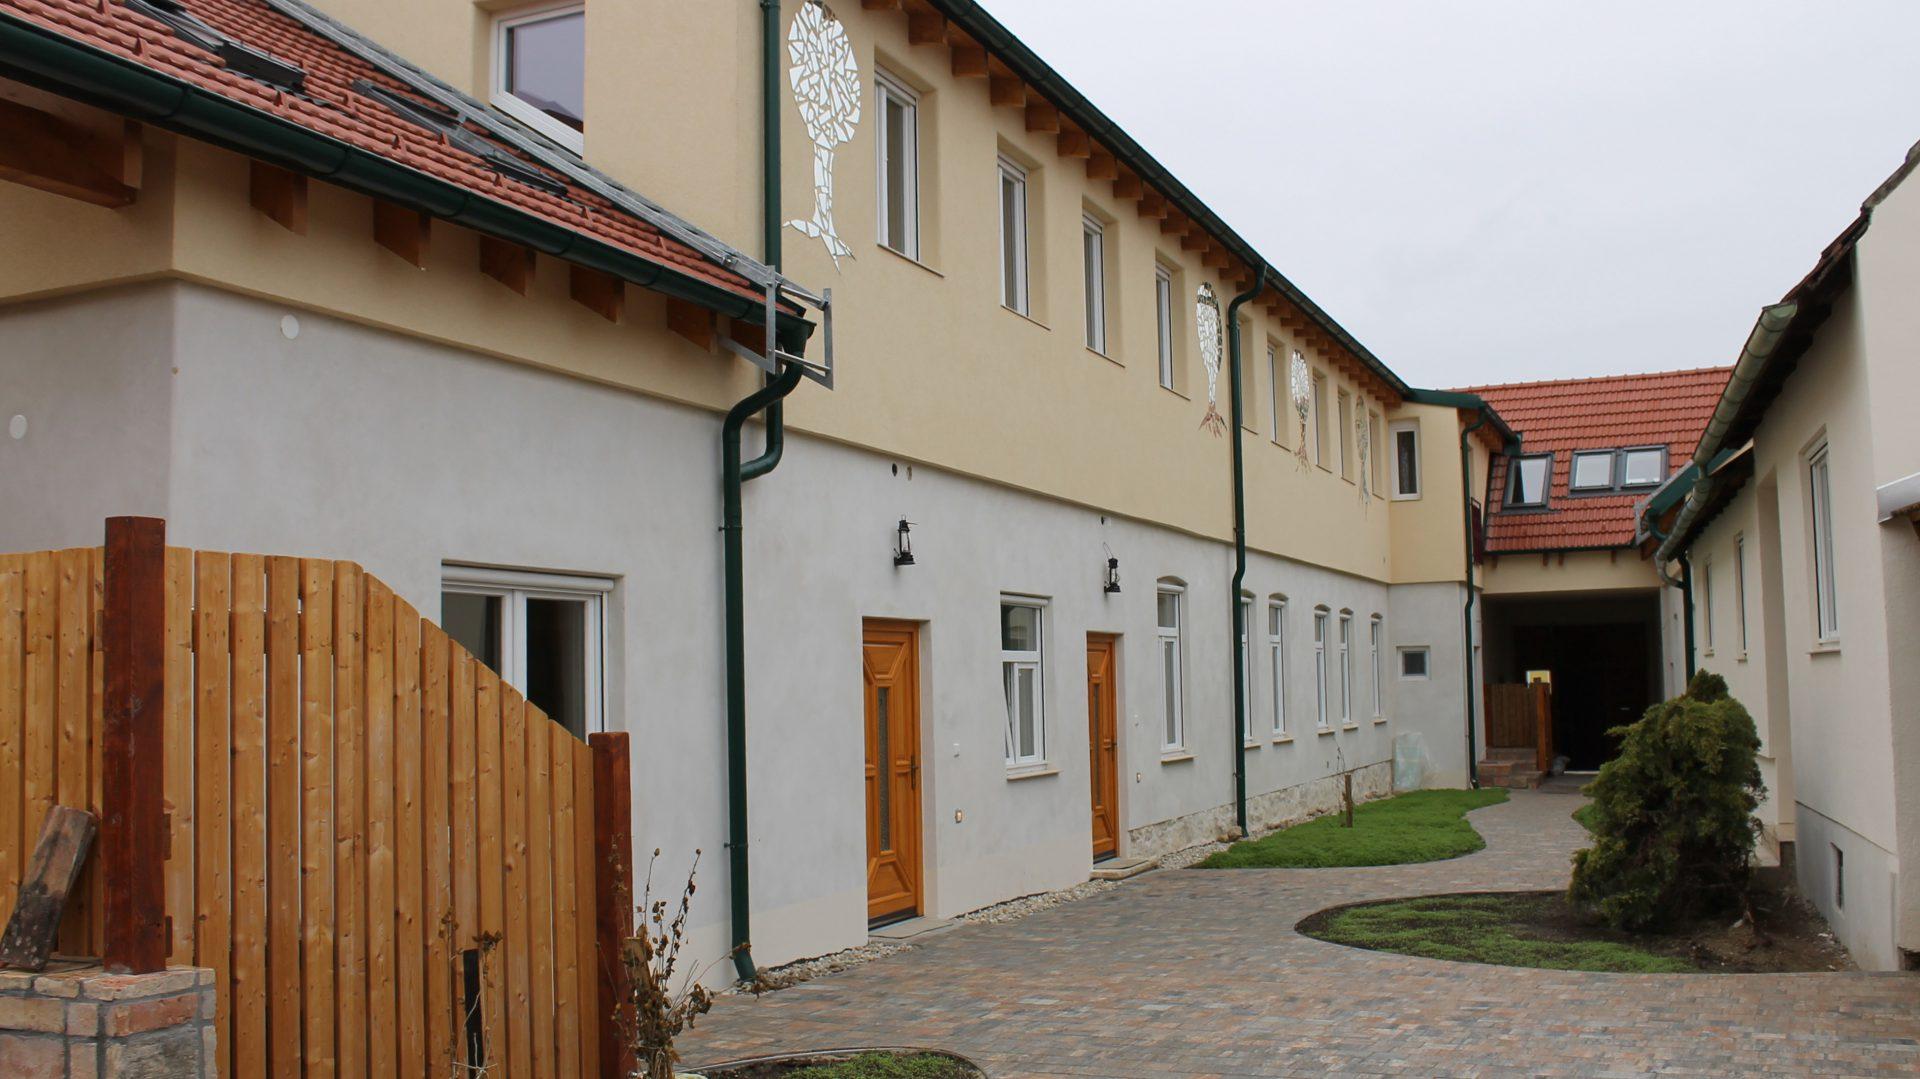 Wohnen am alten Brunnenplatzl in Hornstein